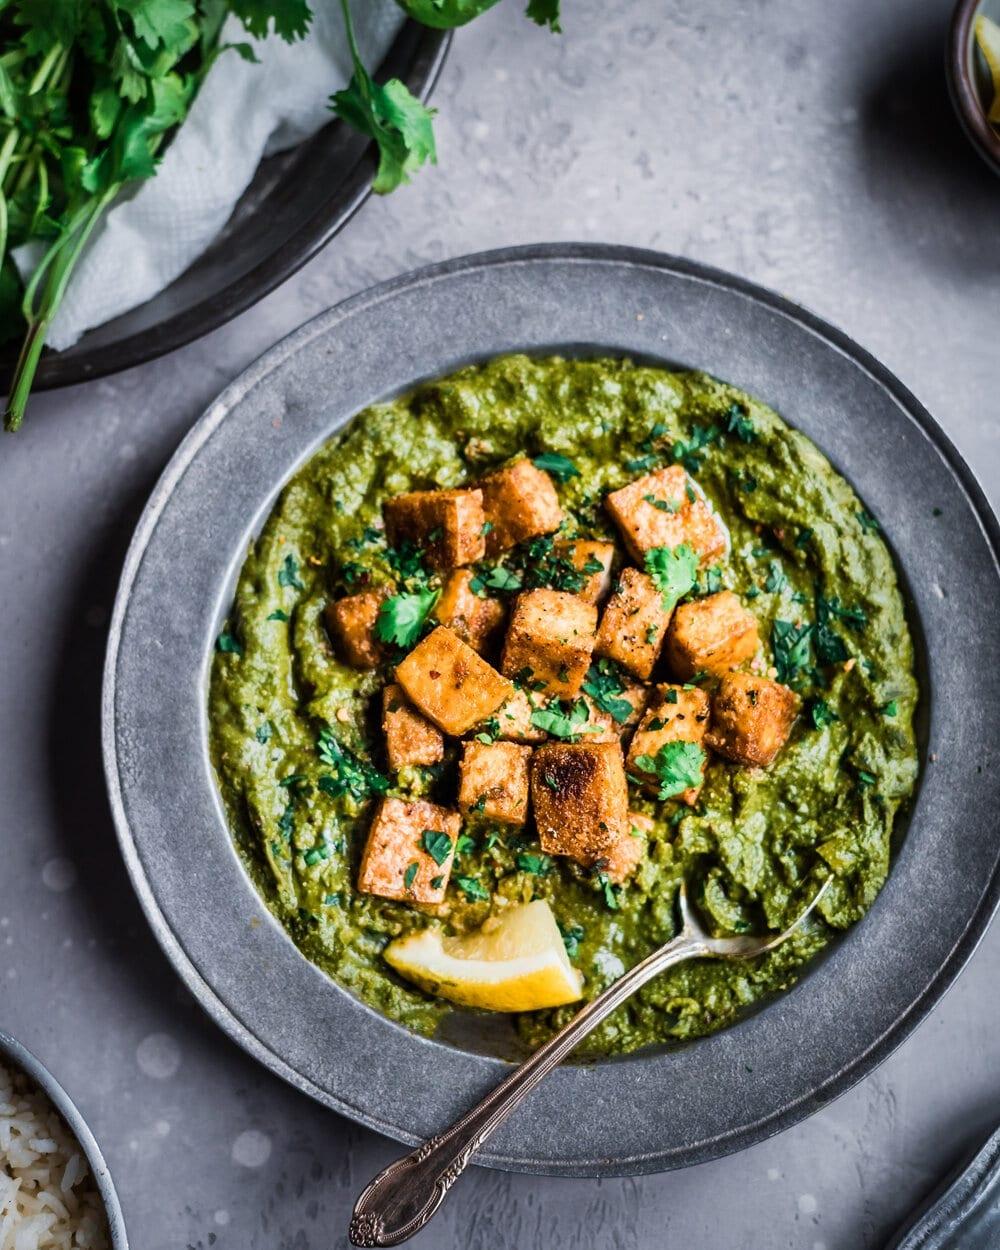 Vegan Palak Paneer with Tofu. Vegan Palak Paneer with crispy baked tofu.